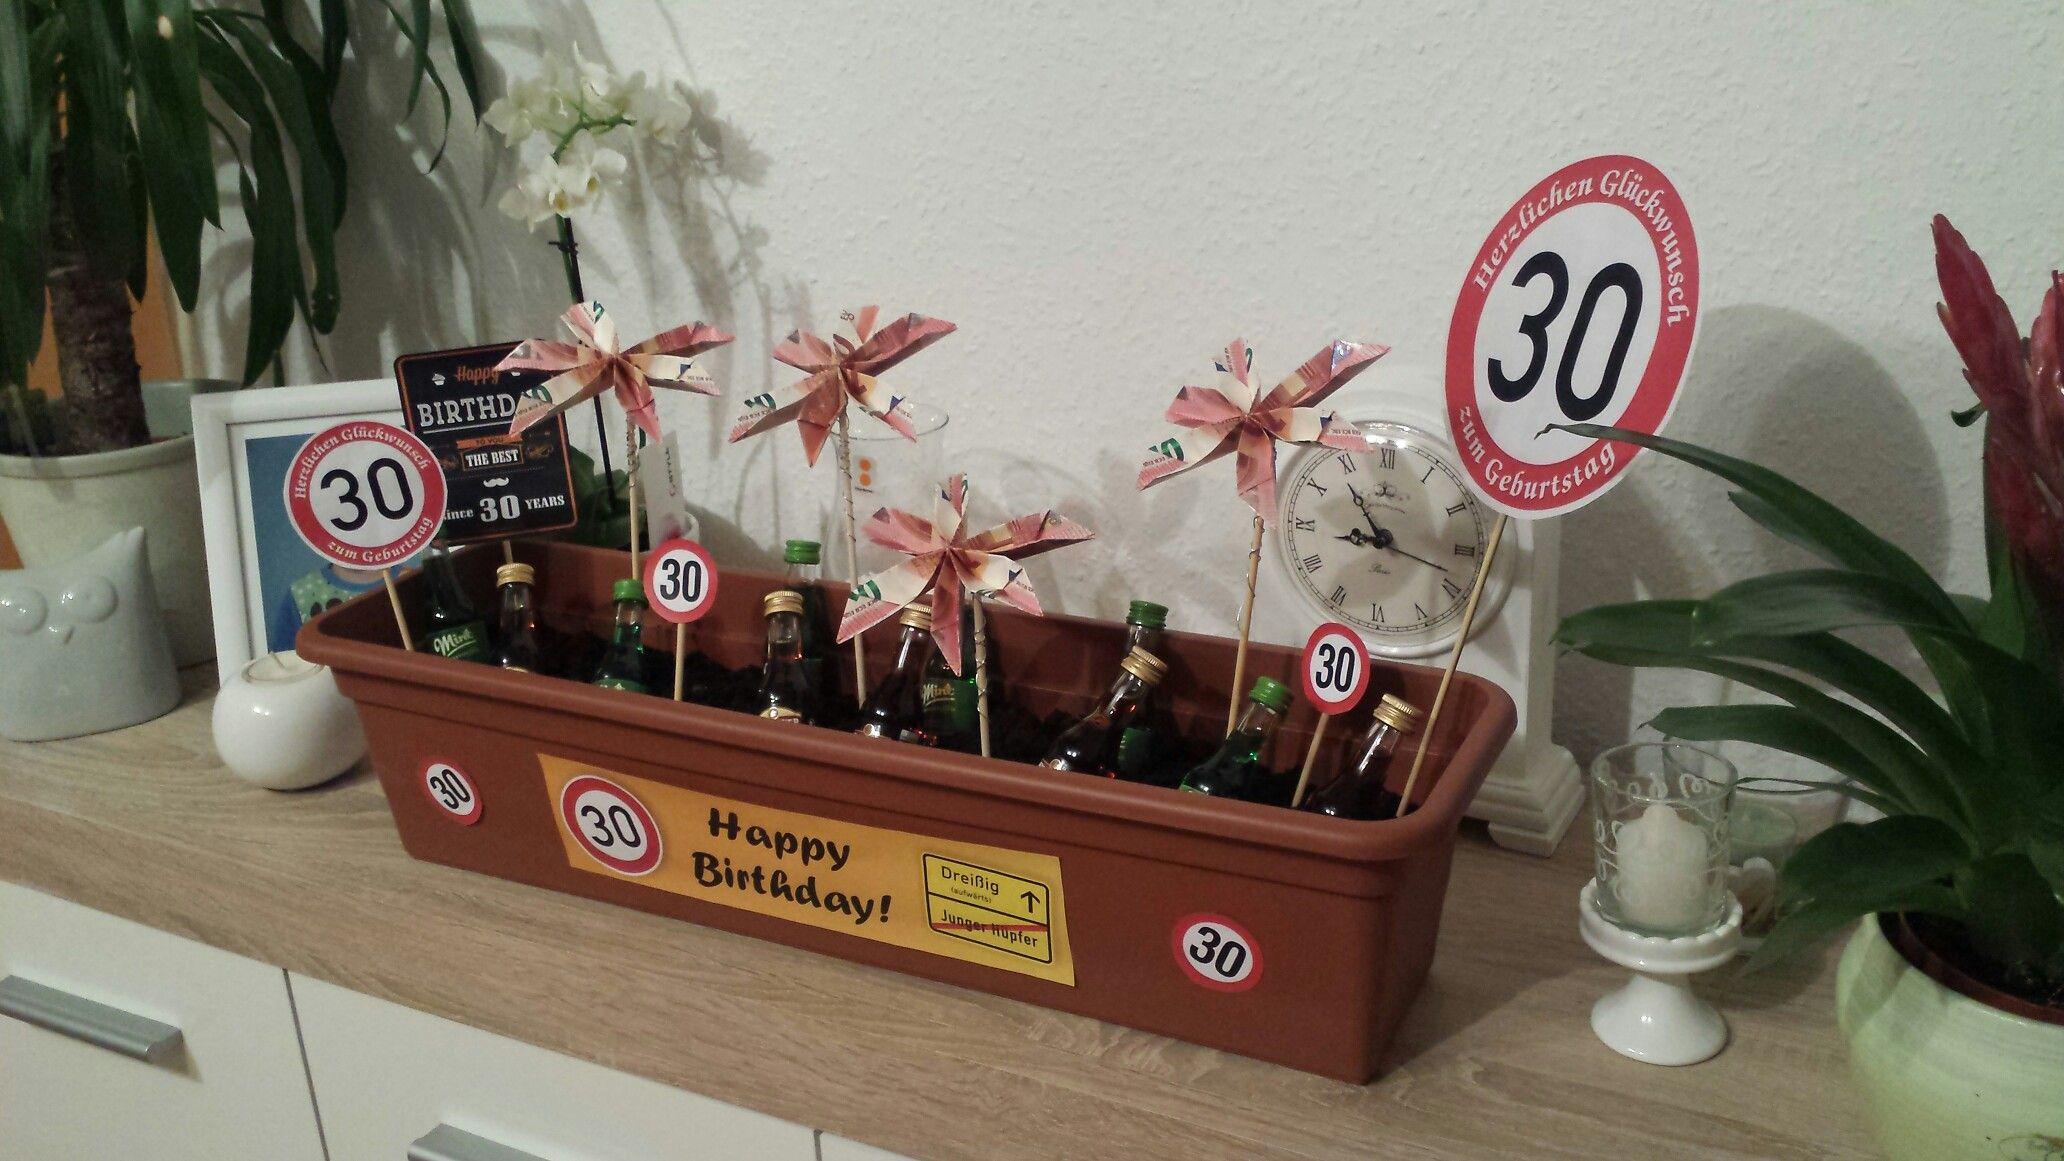 30 Geburtstag Geschenk Manner Krautergarten Geburtstags Geschenk Mann 30 Geburtstag Geschenk 30 Geburtstag Mann